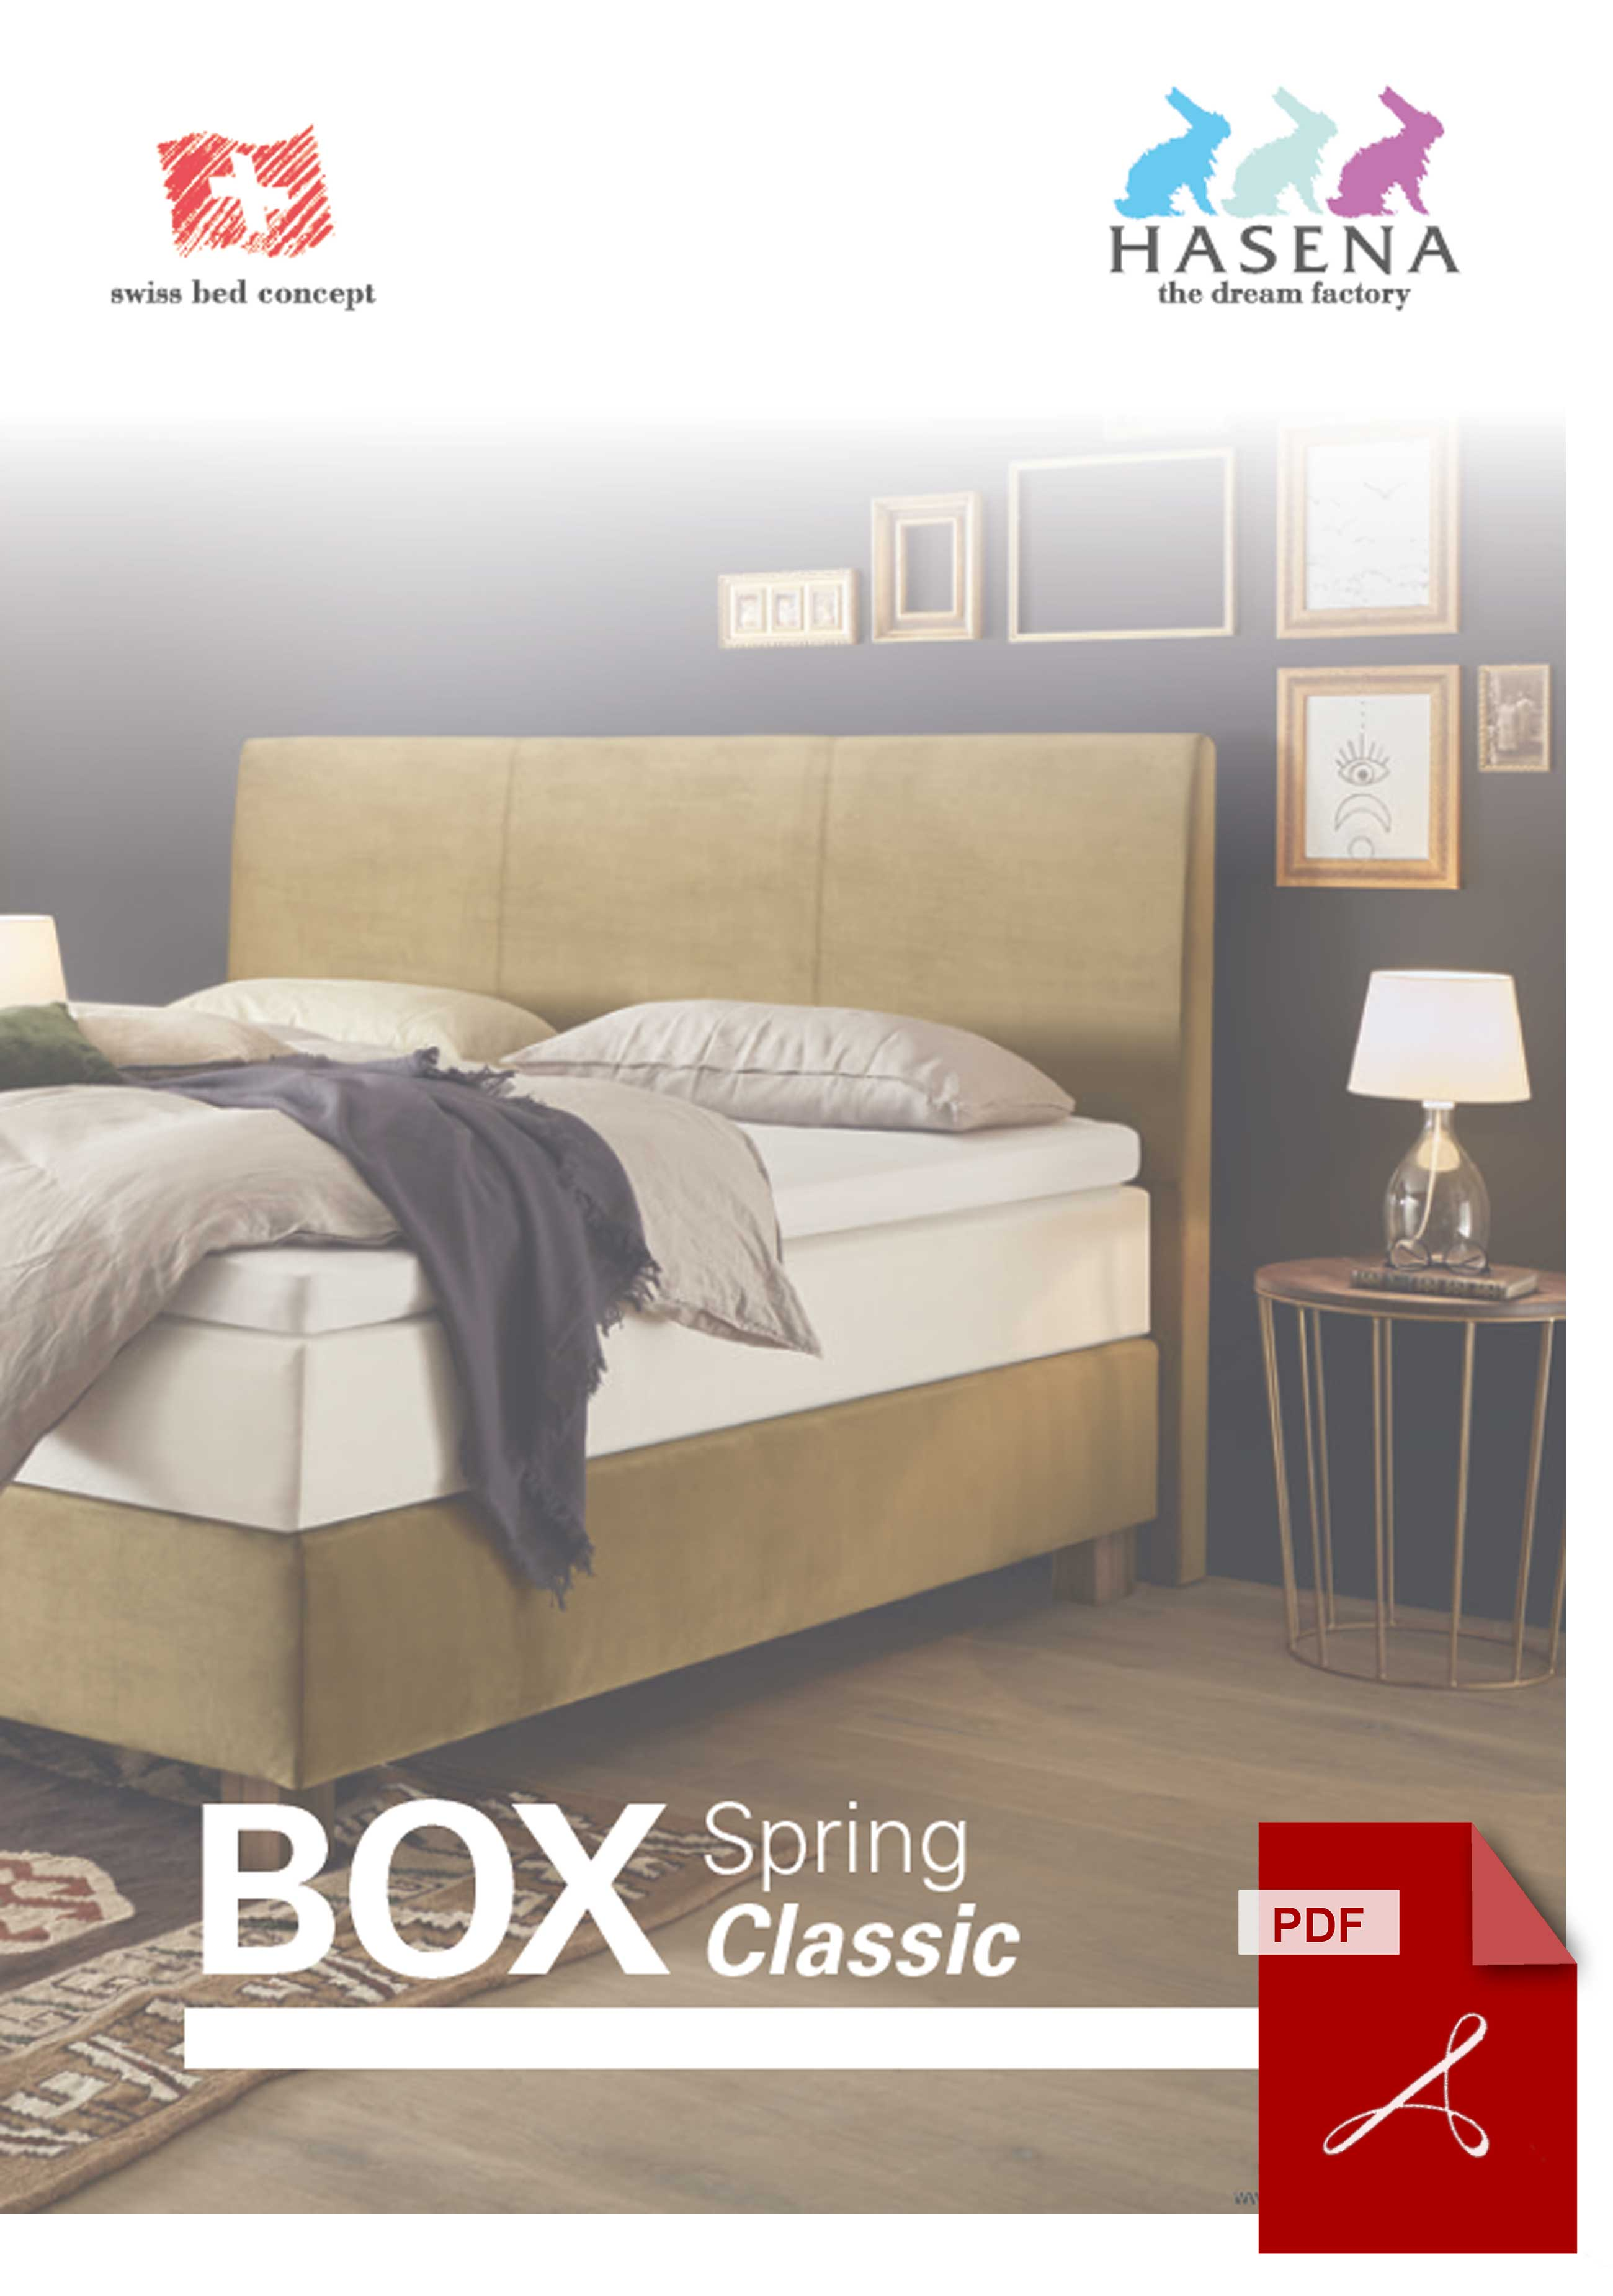 Katalog Hasena Boxspringbett Classic zum Download